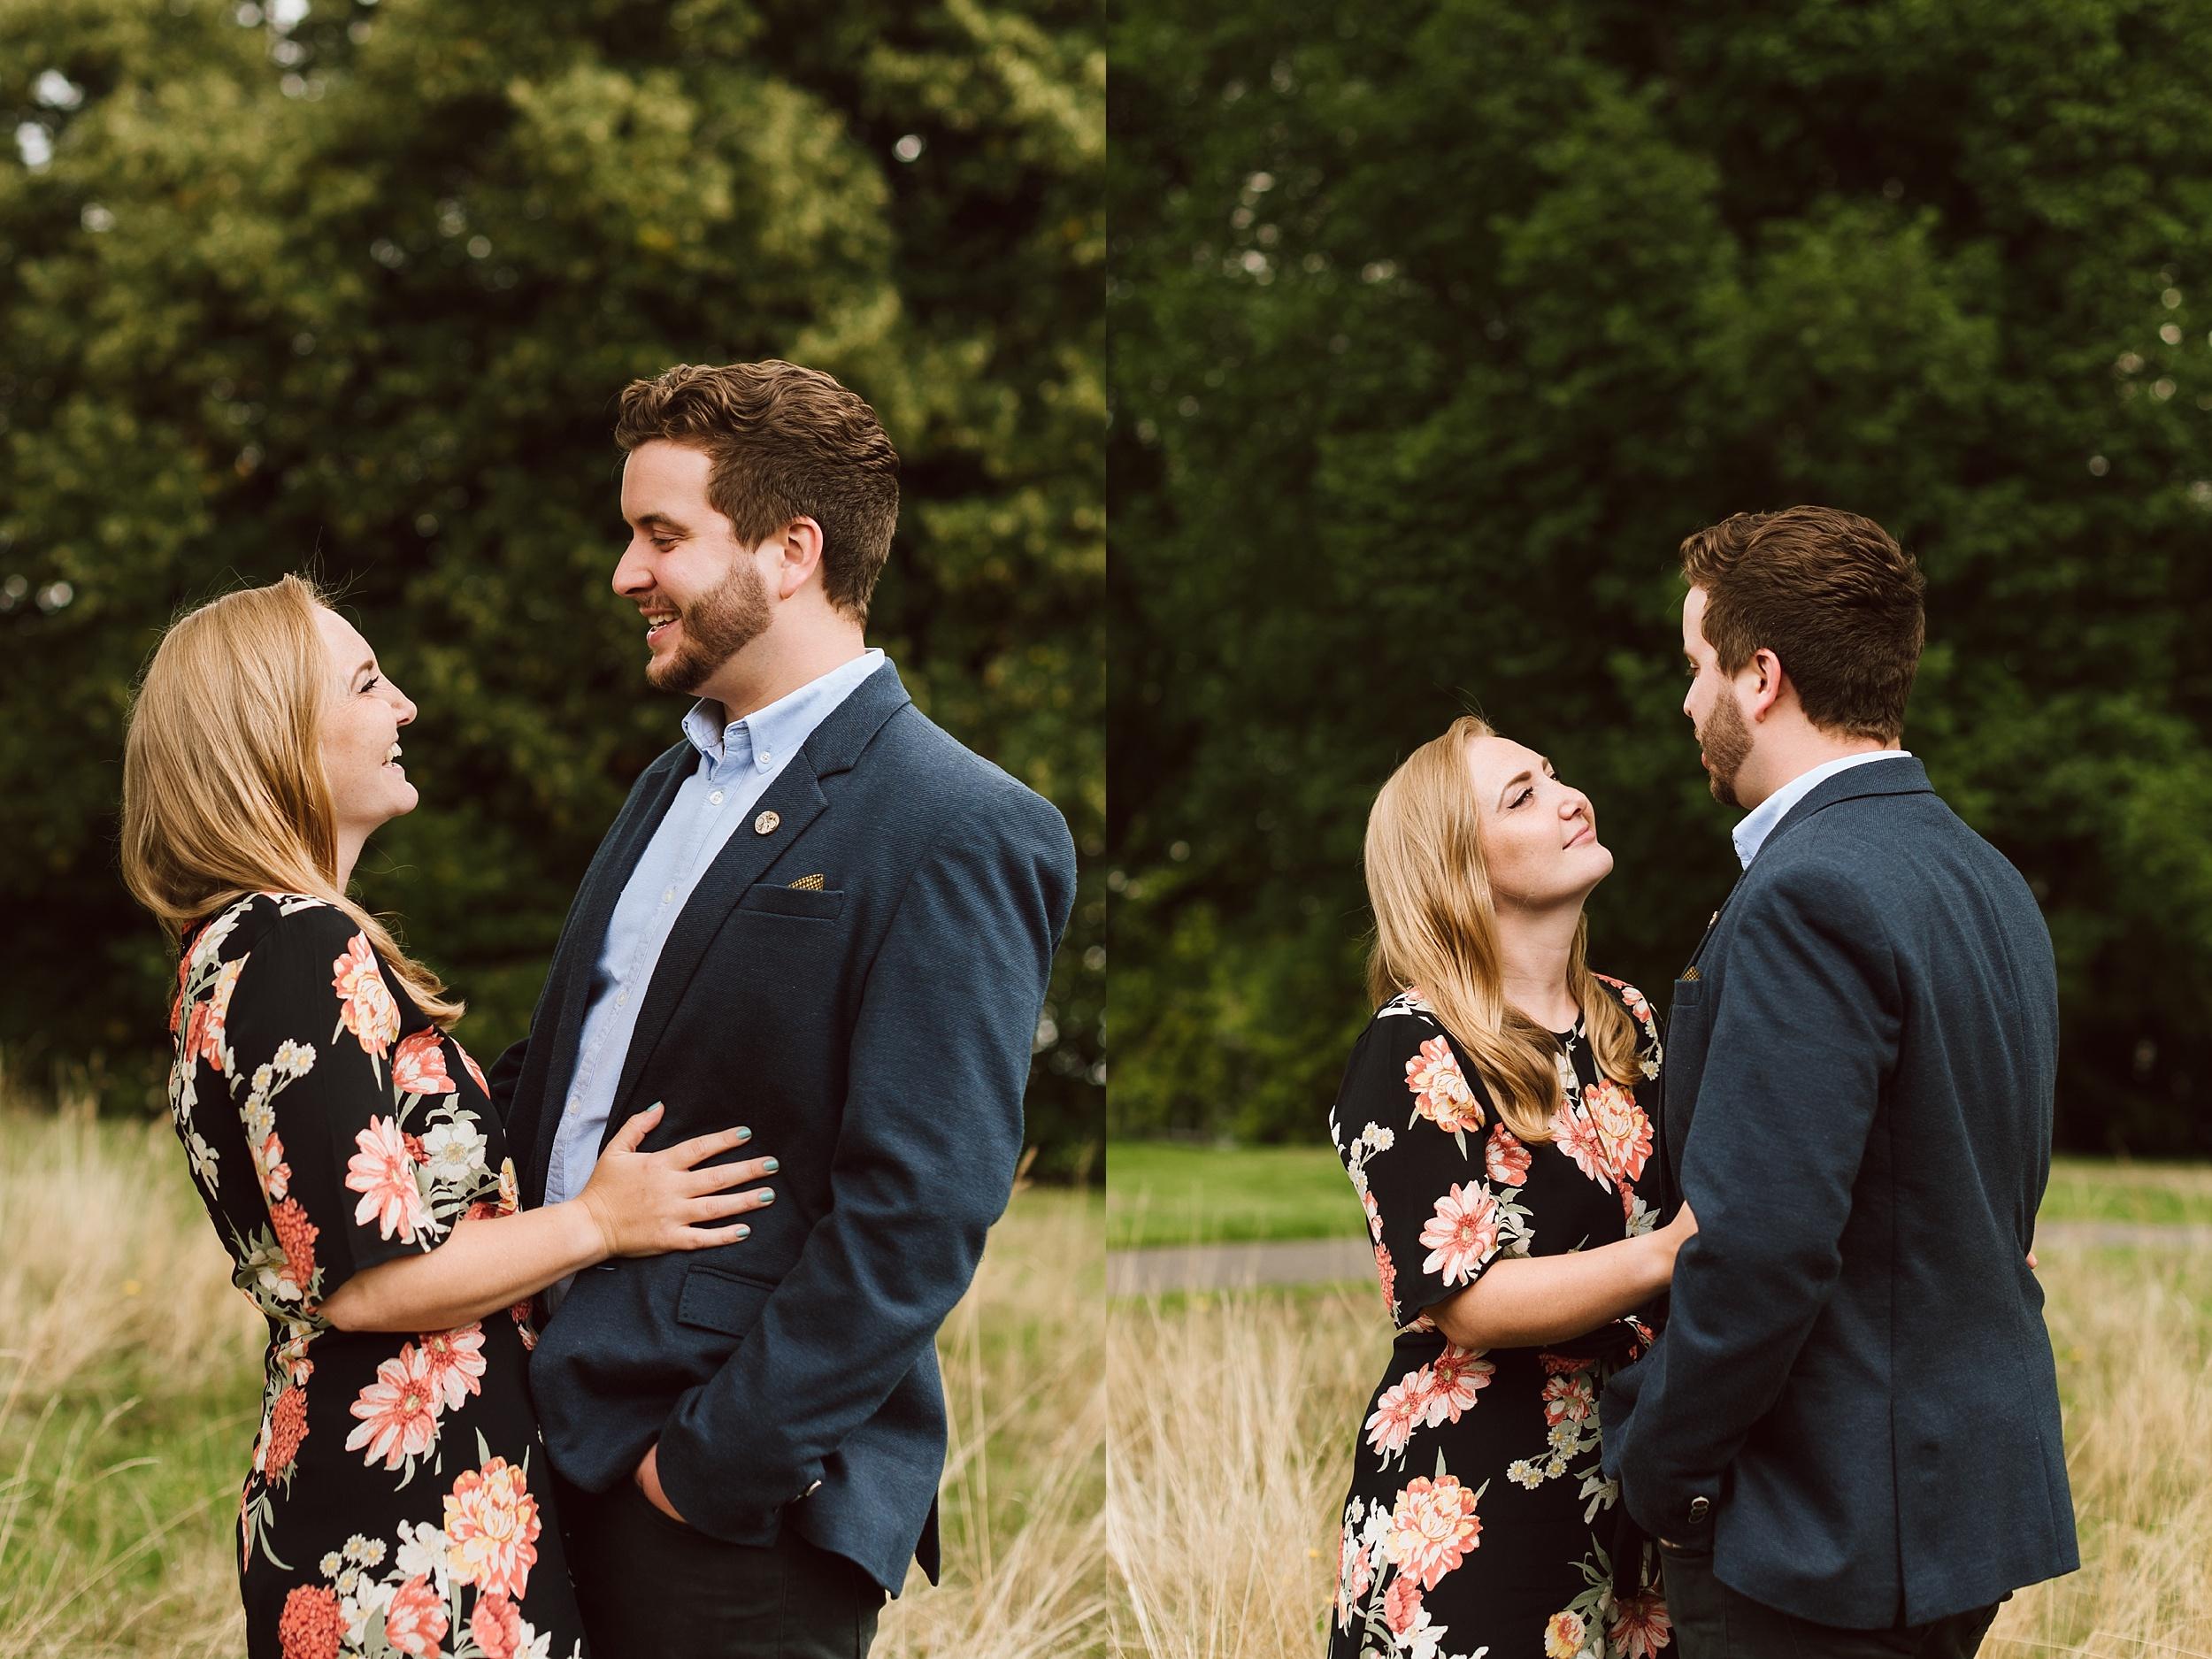 UK_London_Destination_Wedding_Photographer_UK_0002.jpg